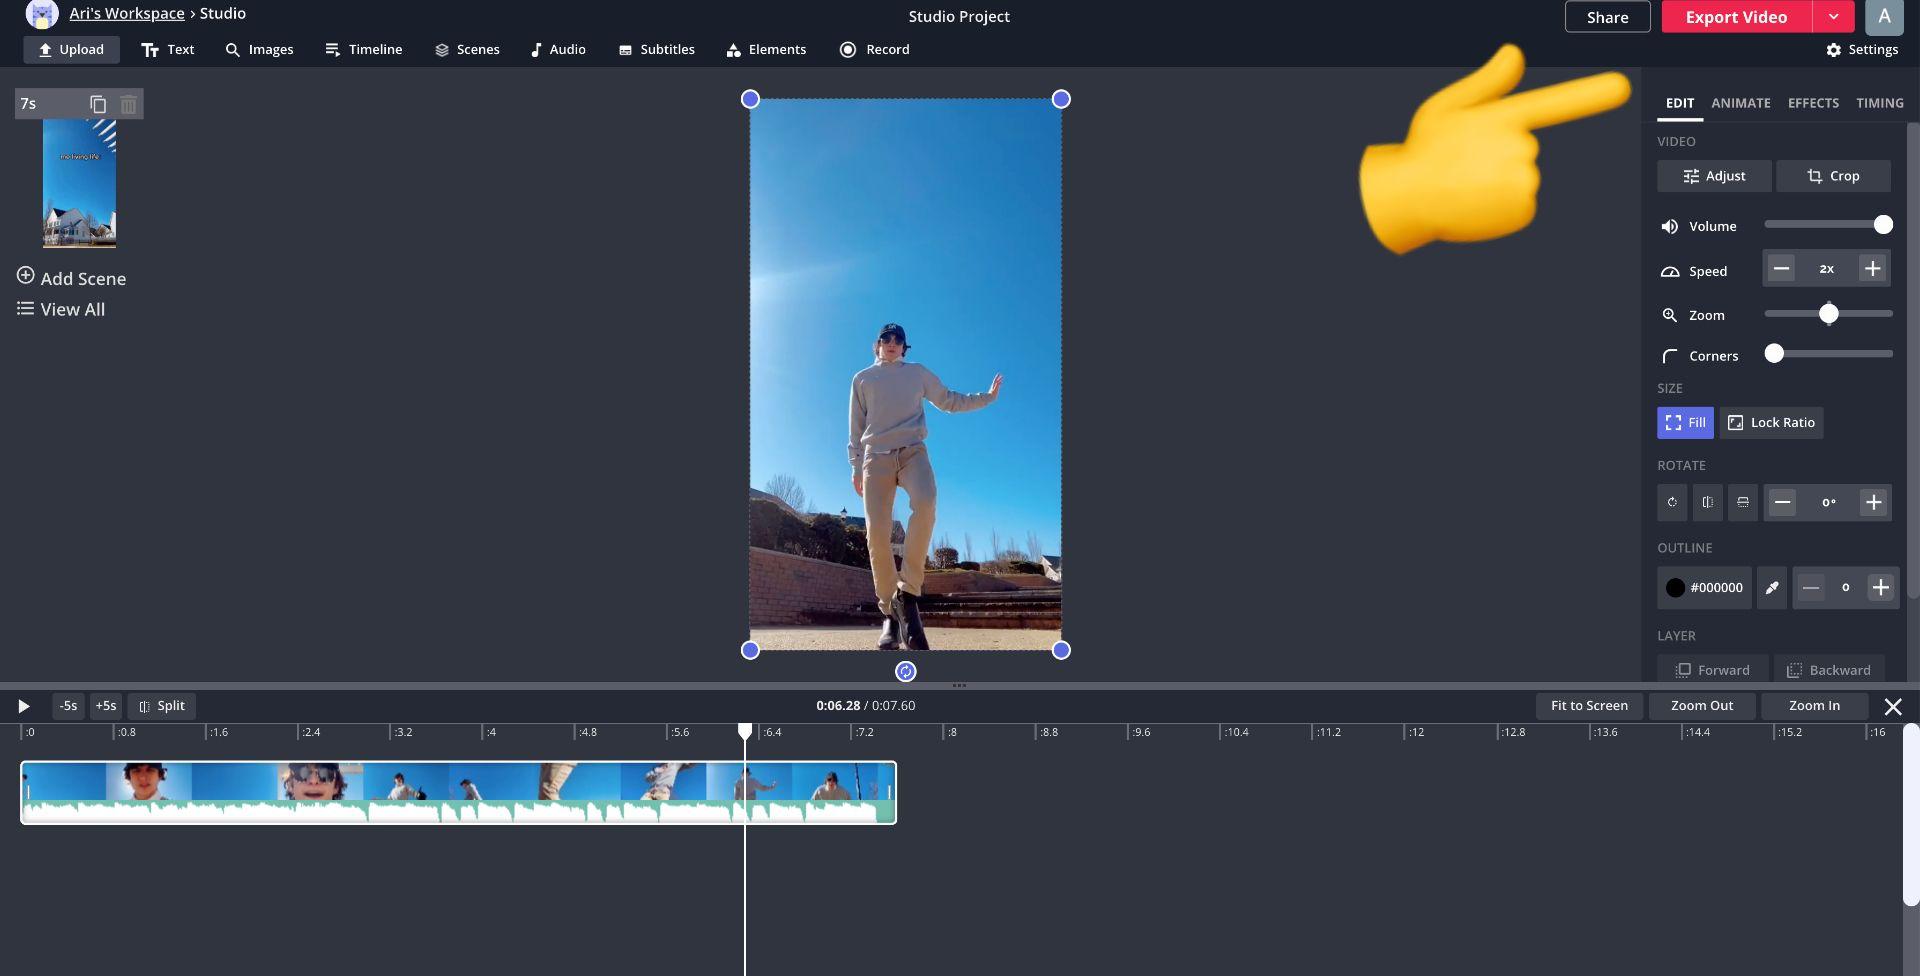 captura de pantalla del estudio Kapwing con un emoji que apunta a exportar video